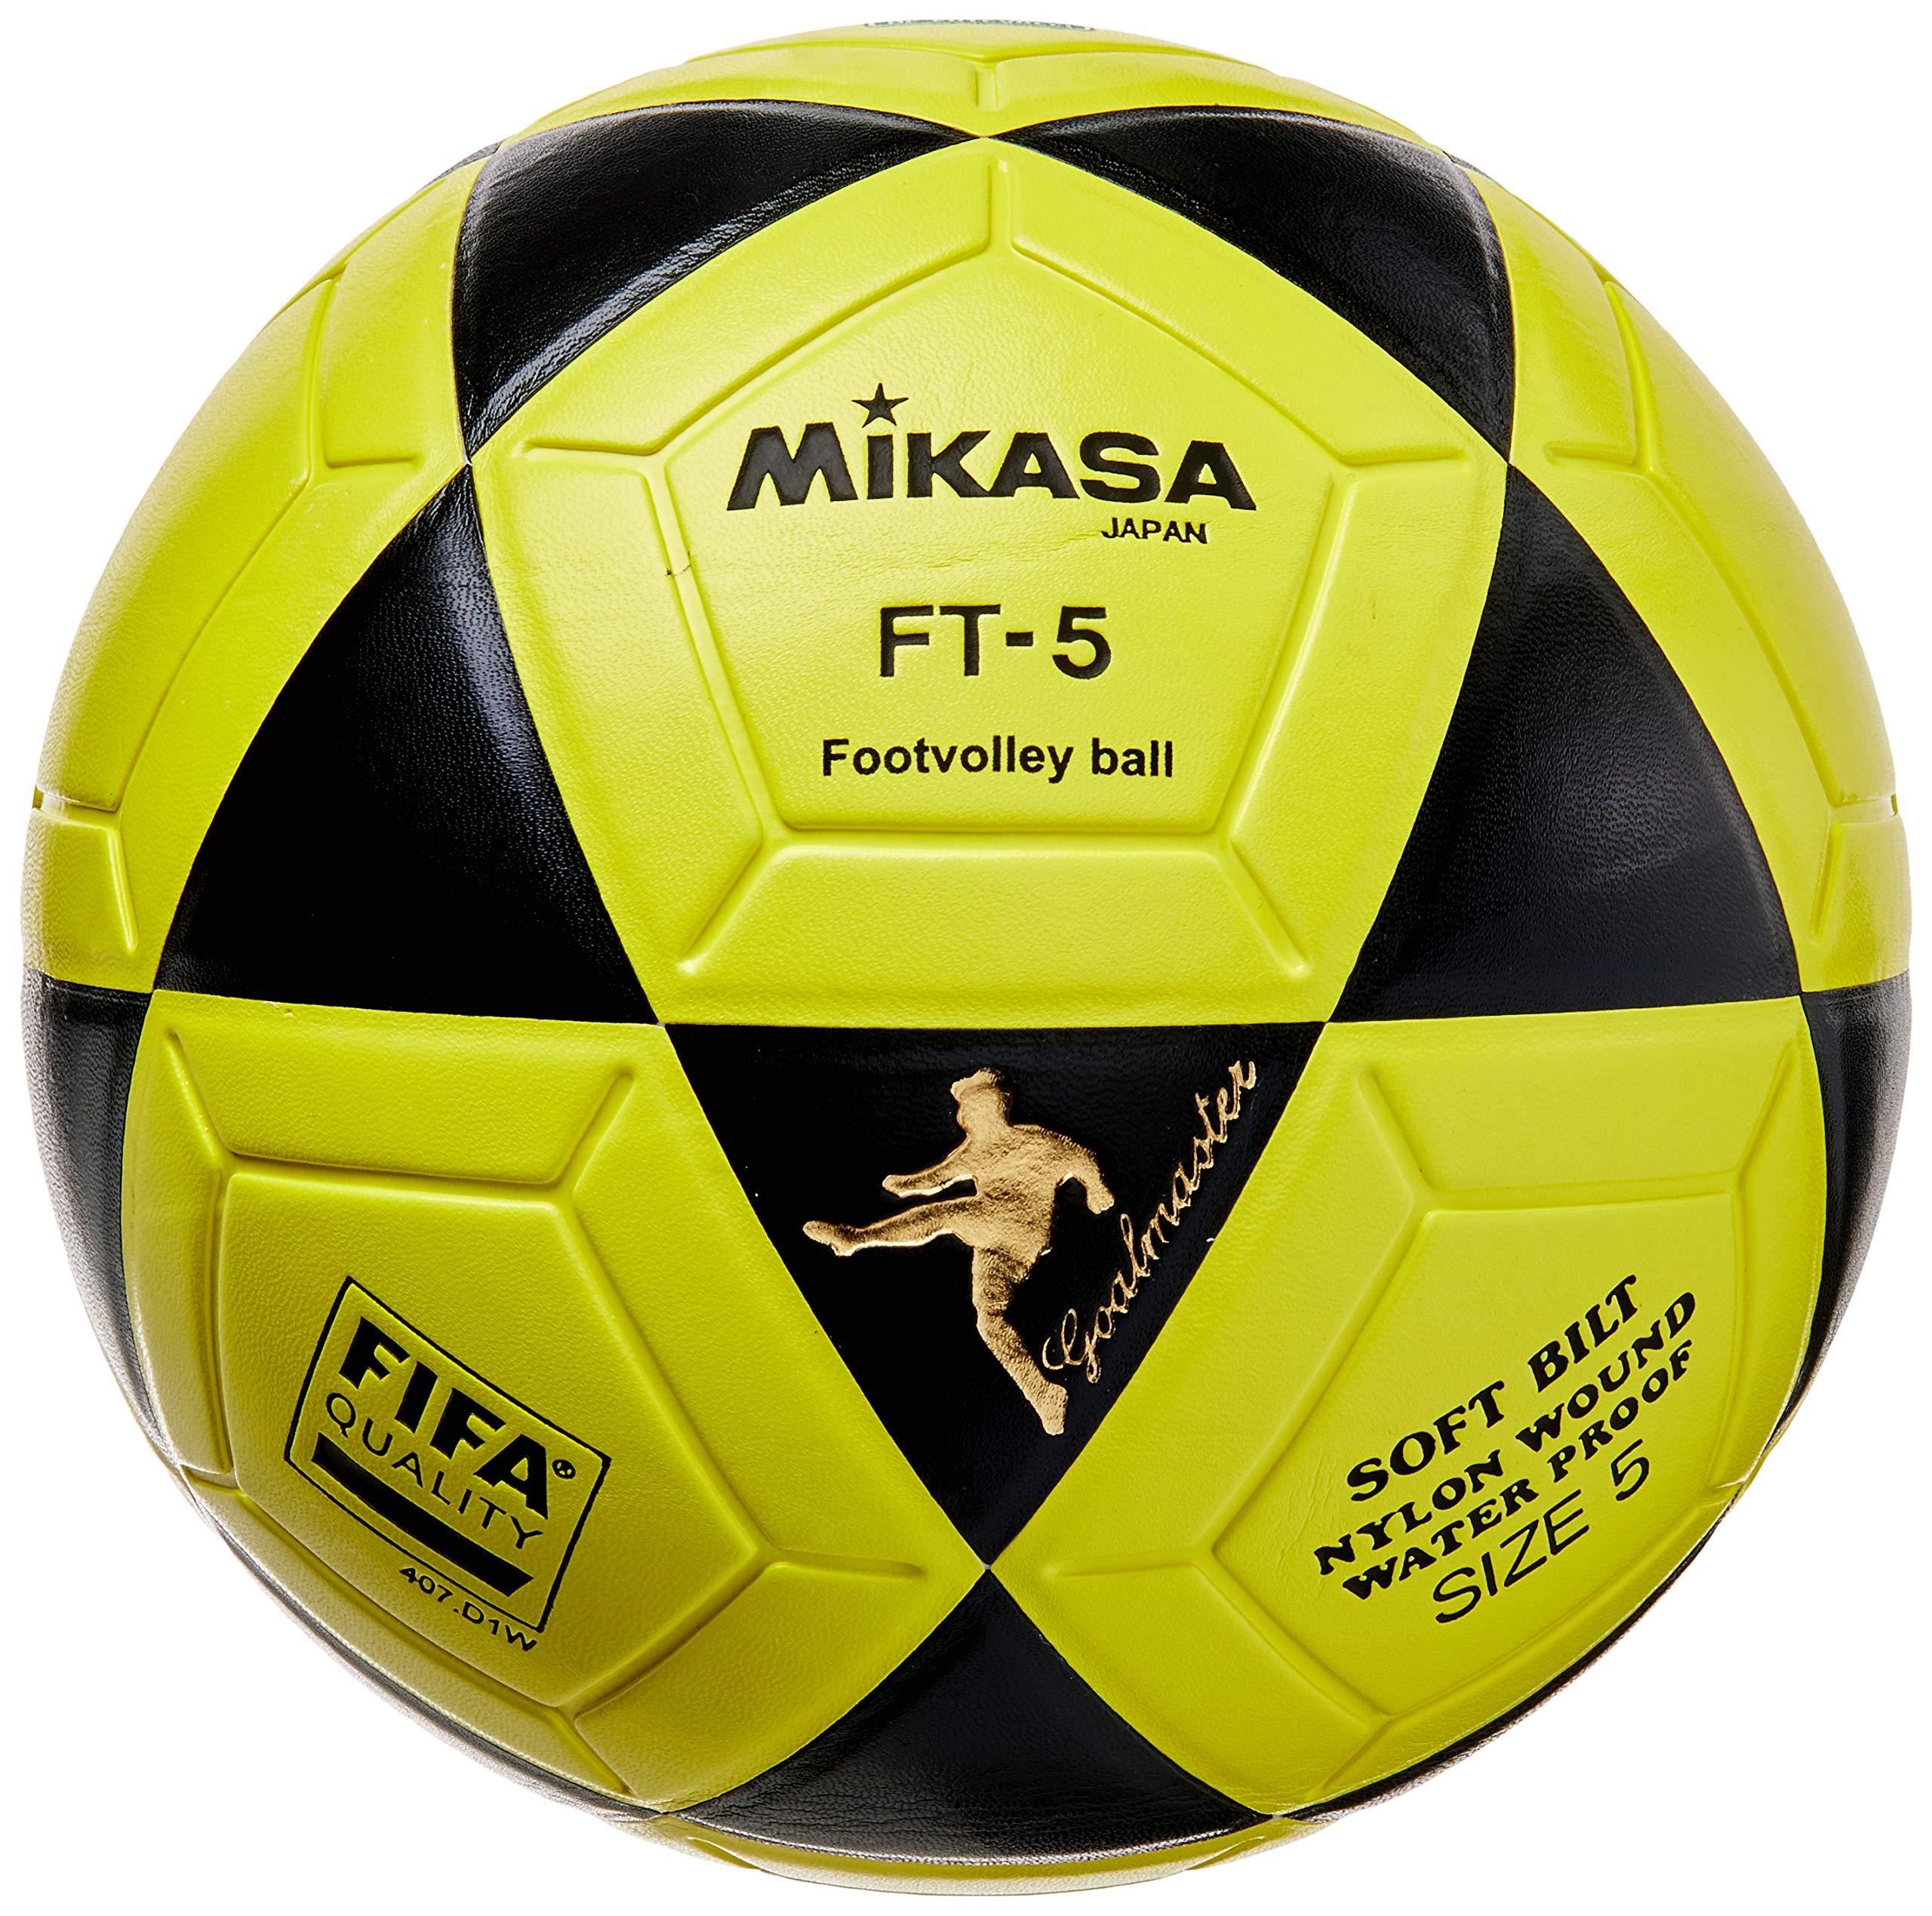 MIKASA Ball Ft-5 Bky F- Balón de fútbol, Color Negro y Amarillo ...